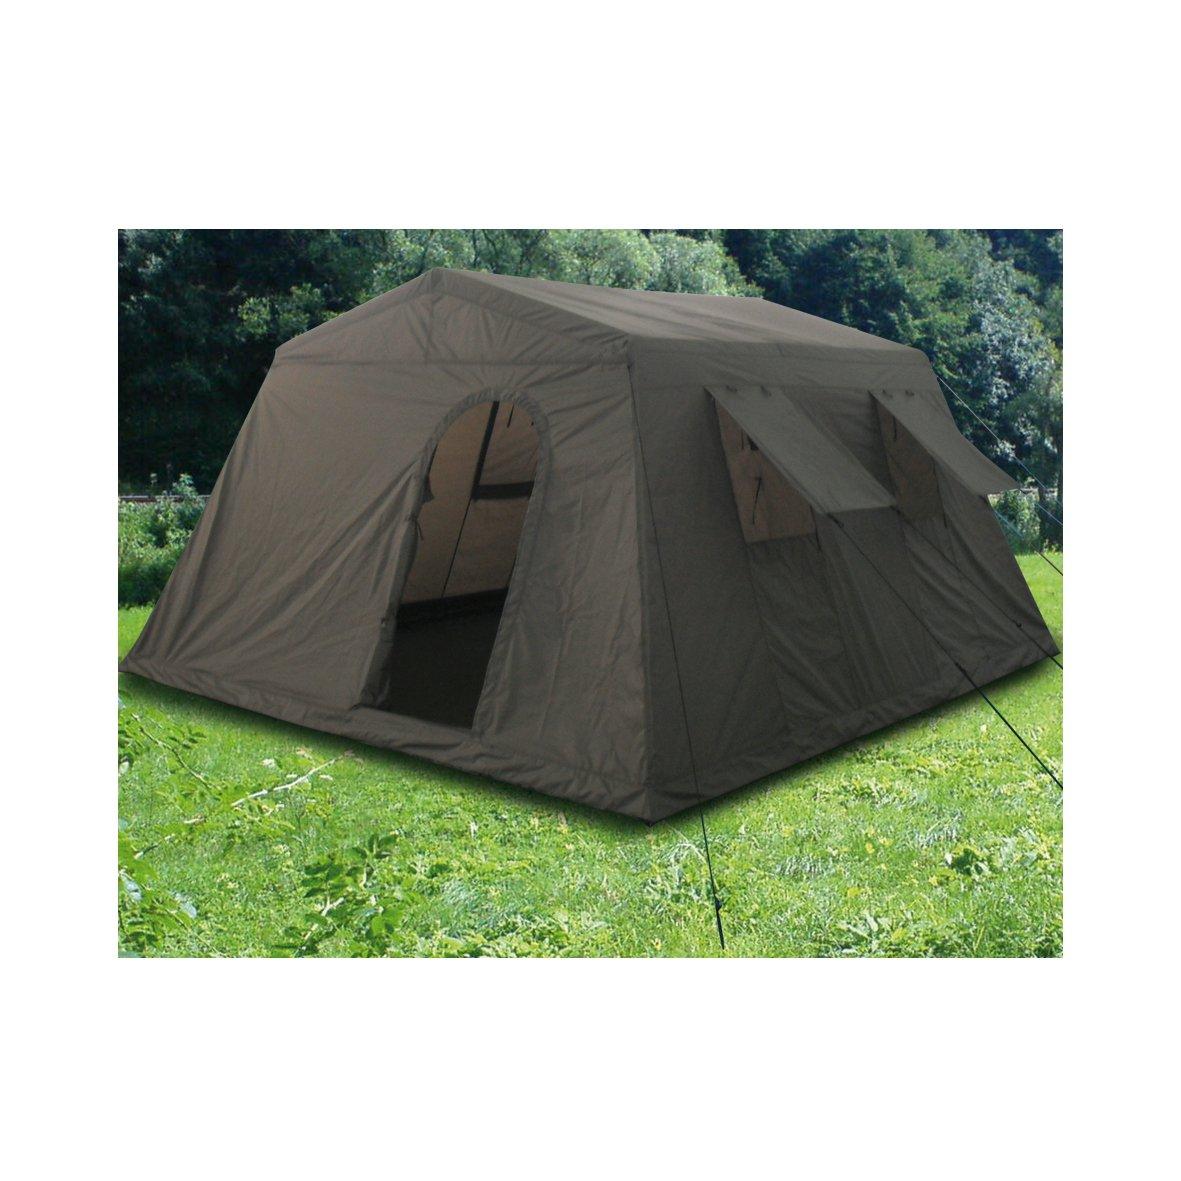 Armeezelt, Zelt der Armee, US Small Wall Zelt, Dackelgarage, Bundeswehr Zelt, Armeezelt Camping, Top Armeezelt